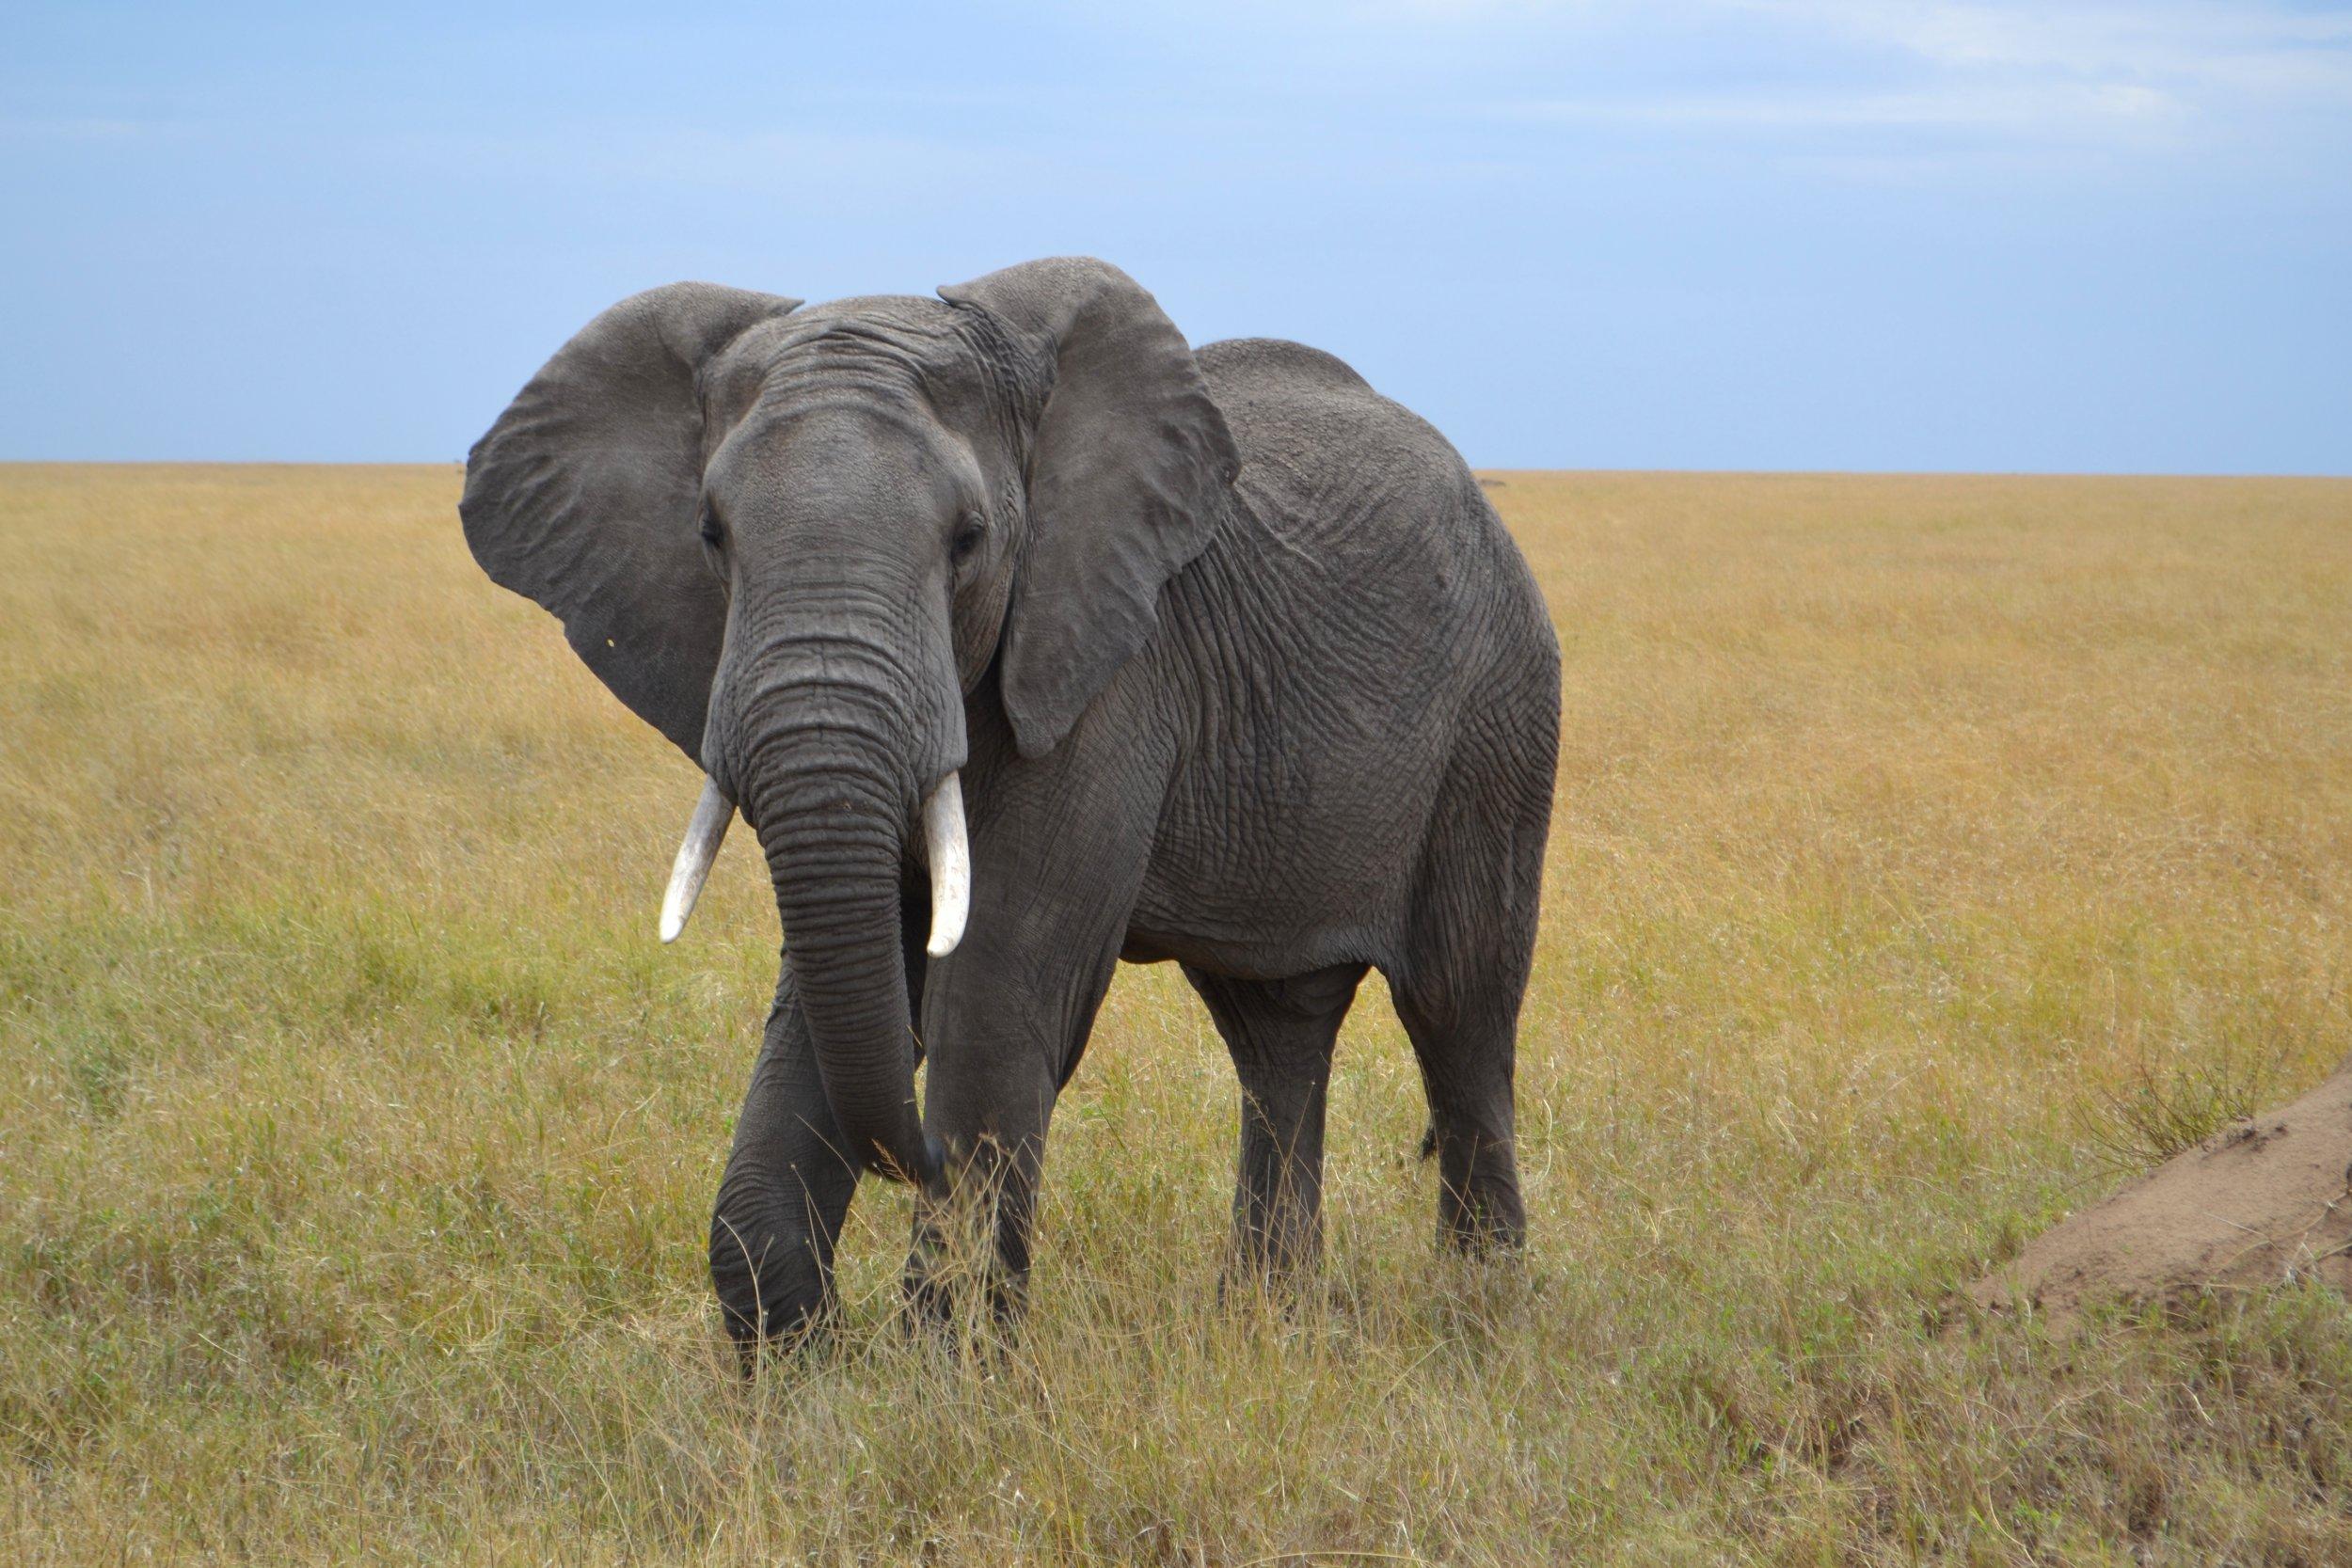 10_22_elephants_01